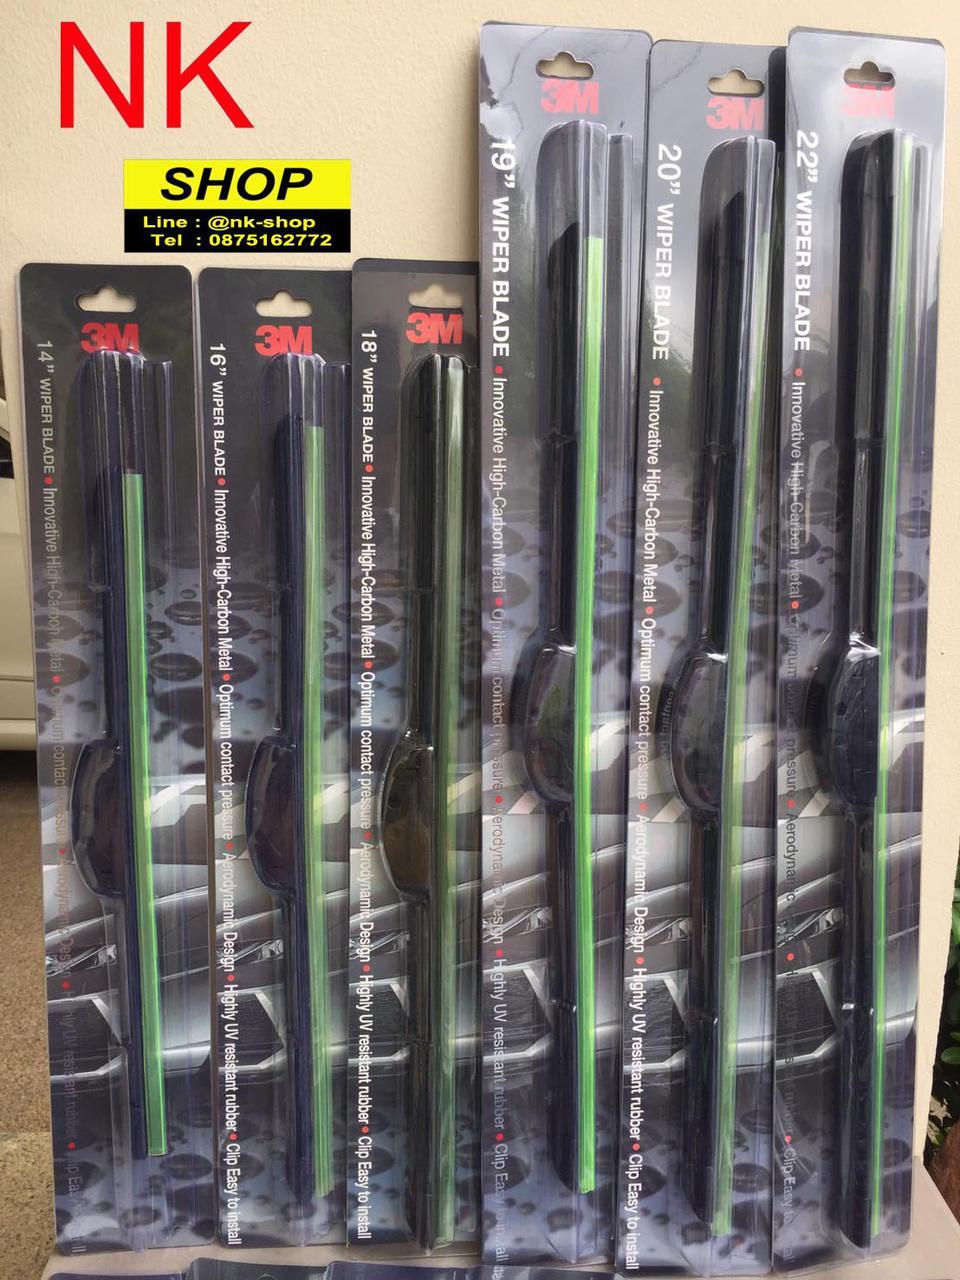 ใบปัดน้ำฝน 3M Wiper Blade  ของแท้ ทรง Aero Blade รูปที่ 3